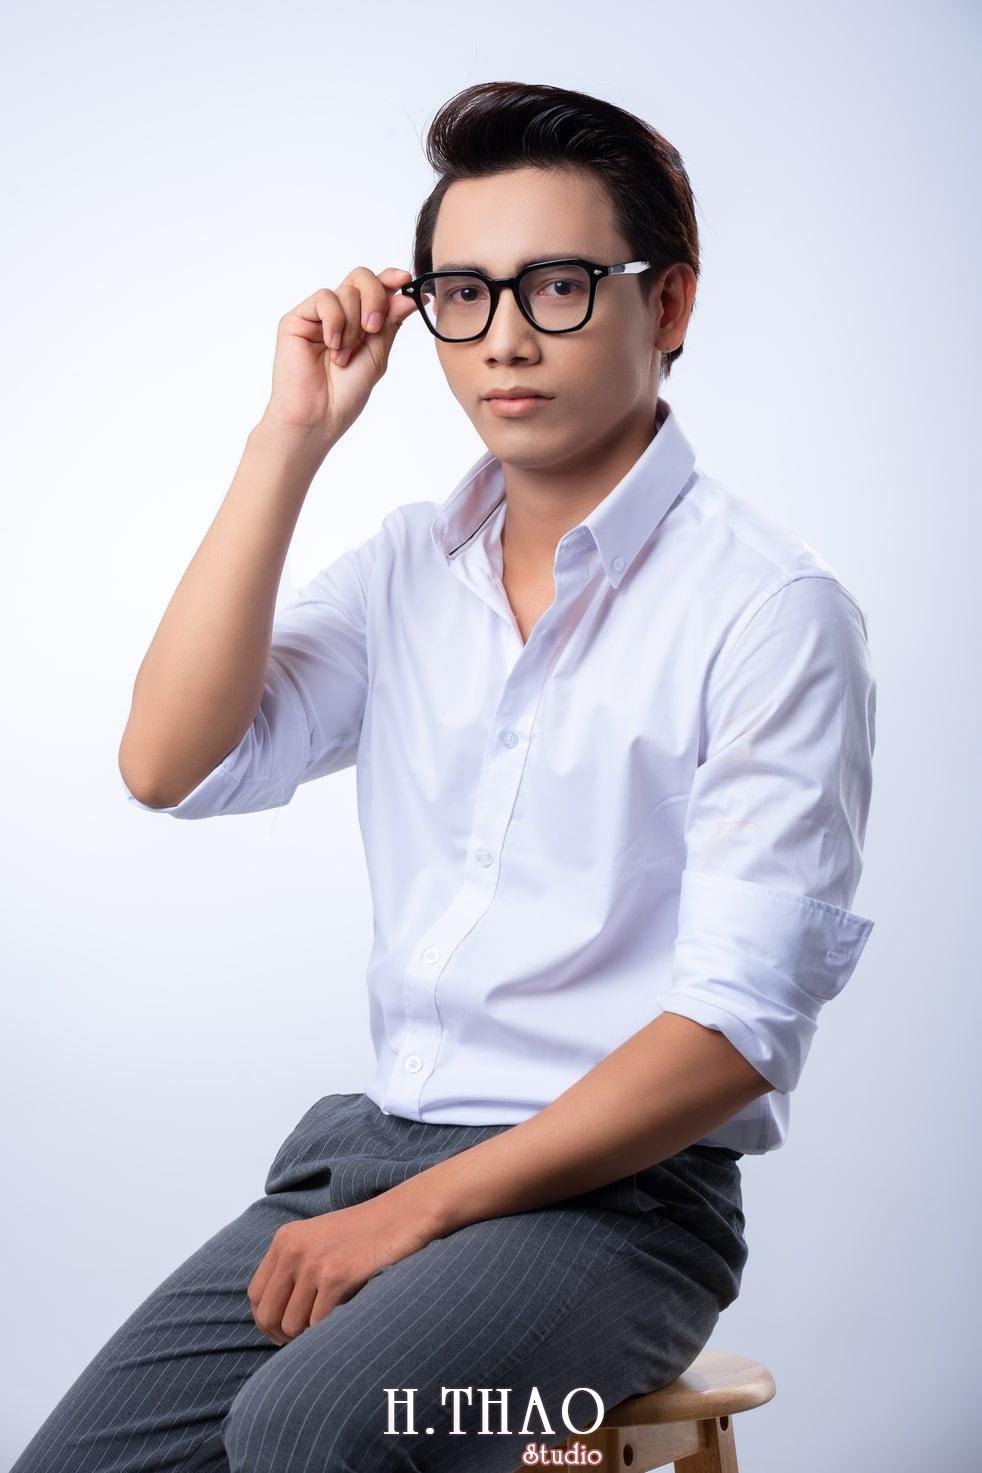 Anh nam nghe thuat 4 - 35 cách tạo dáng chụp ảnh nam ngầu chất ngất - HThao Studio